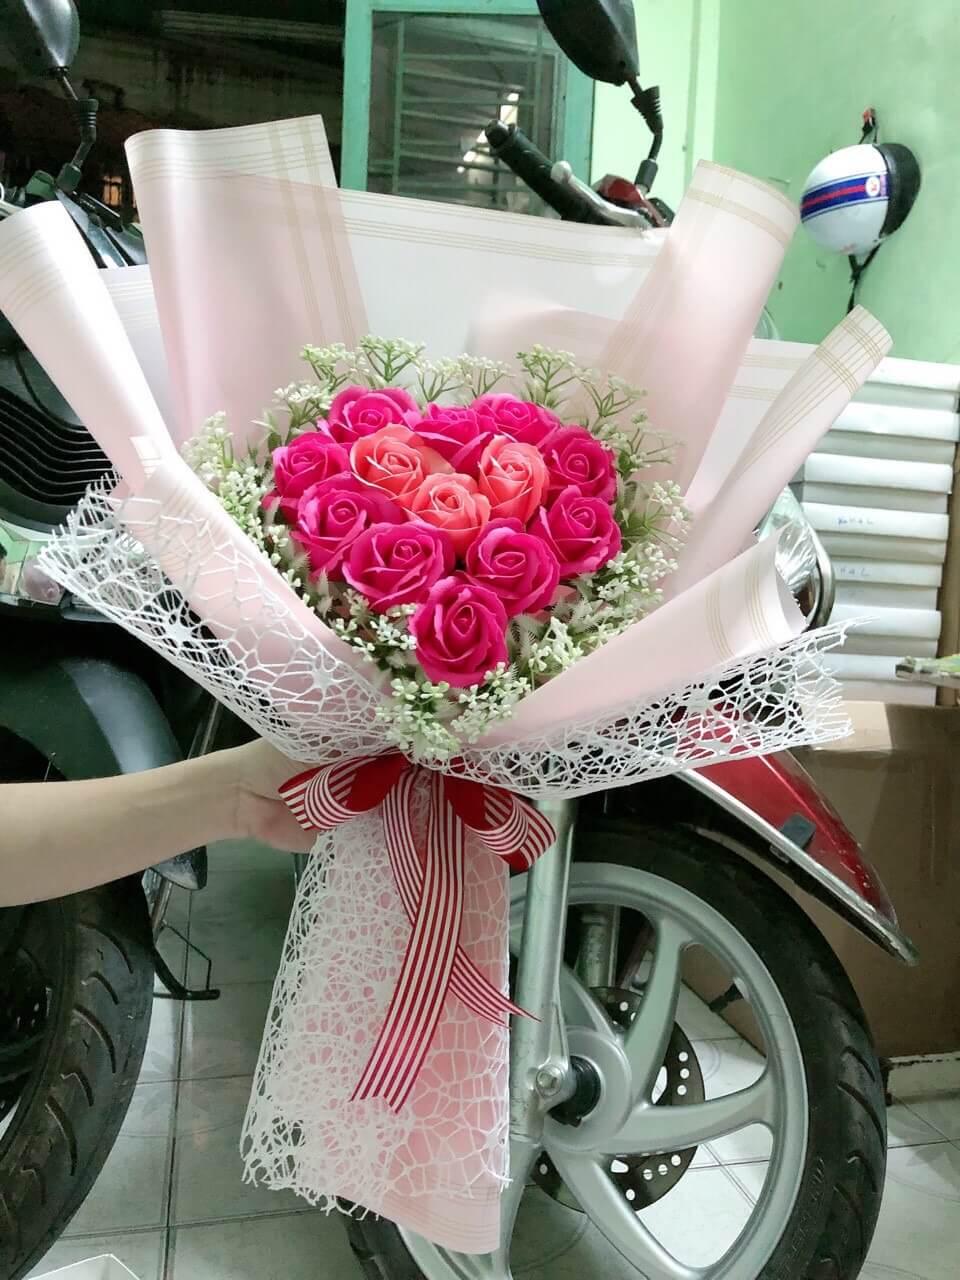 Bó hoa hồng 13 bông hình trái tim